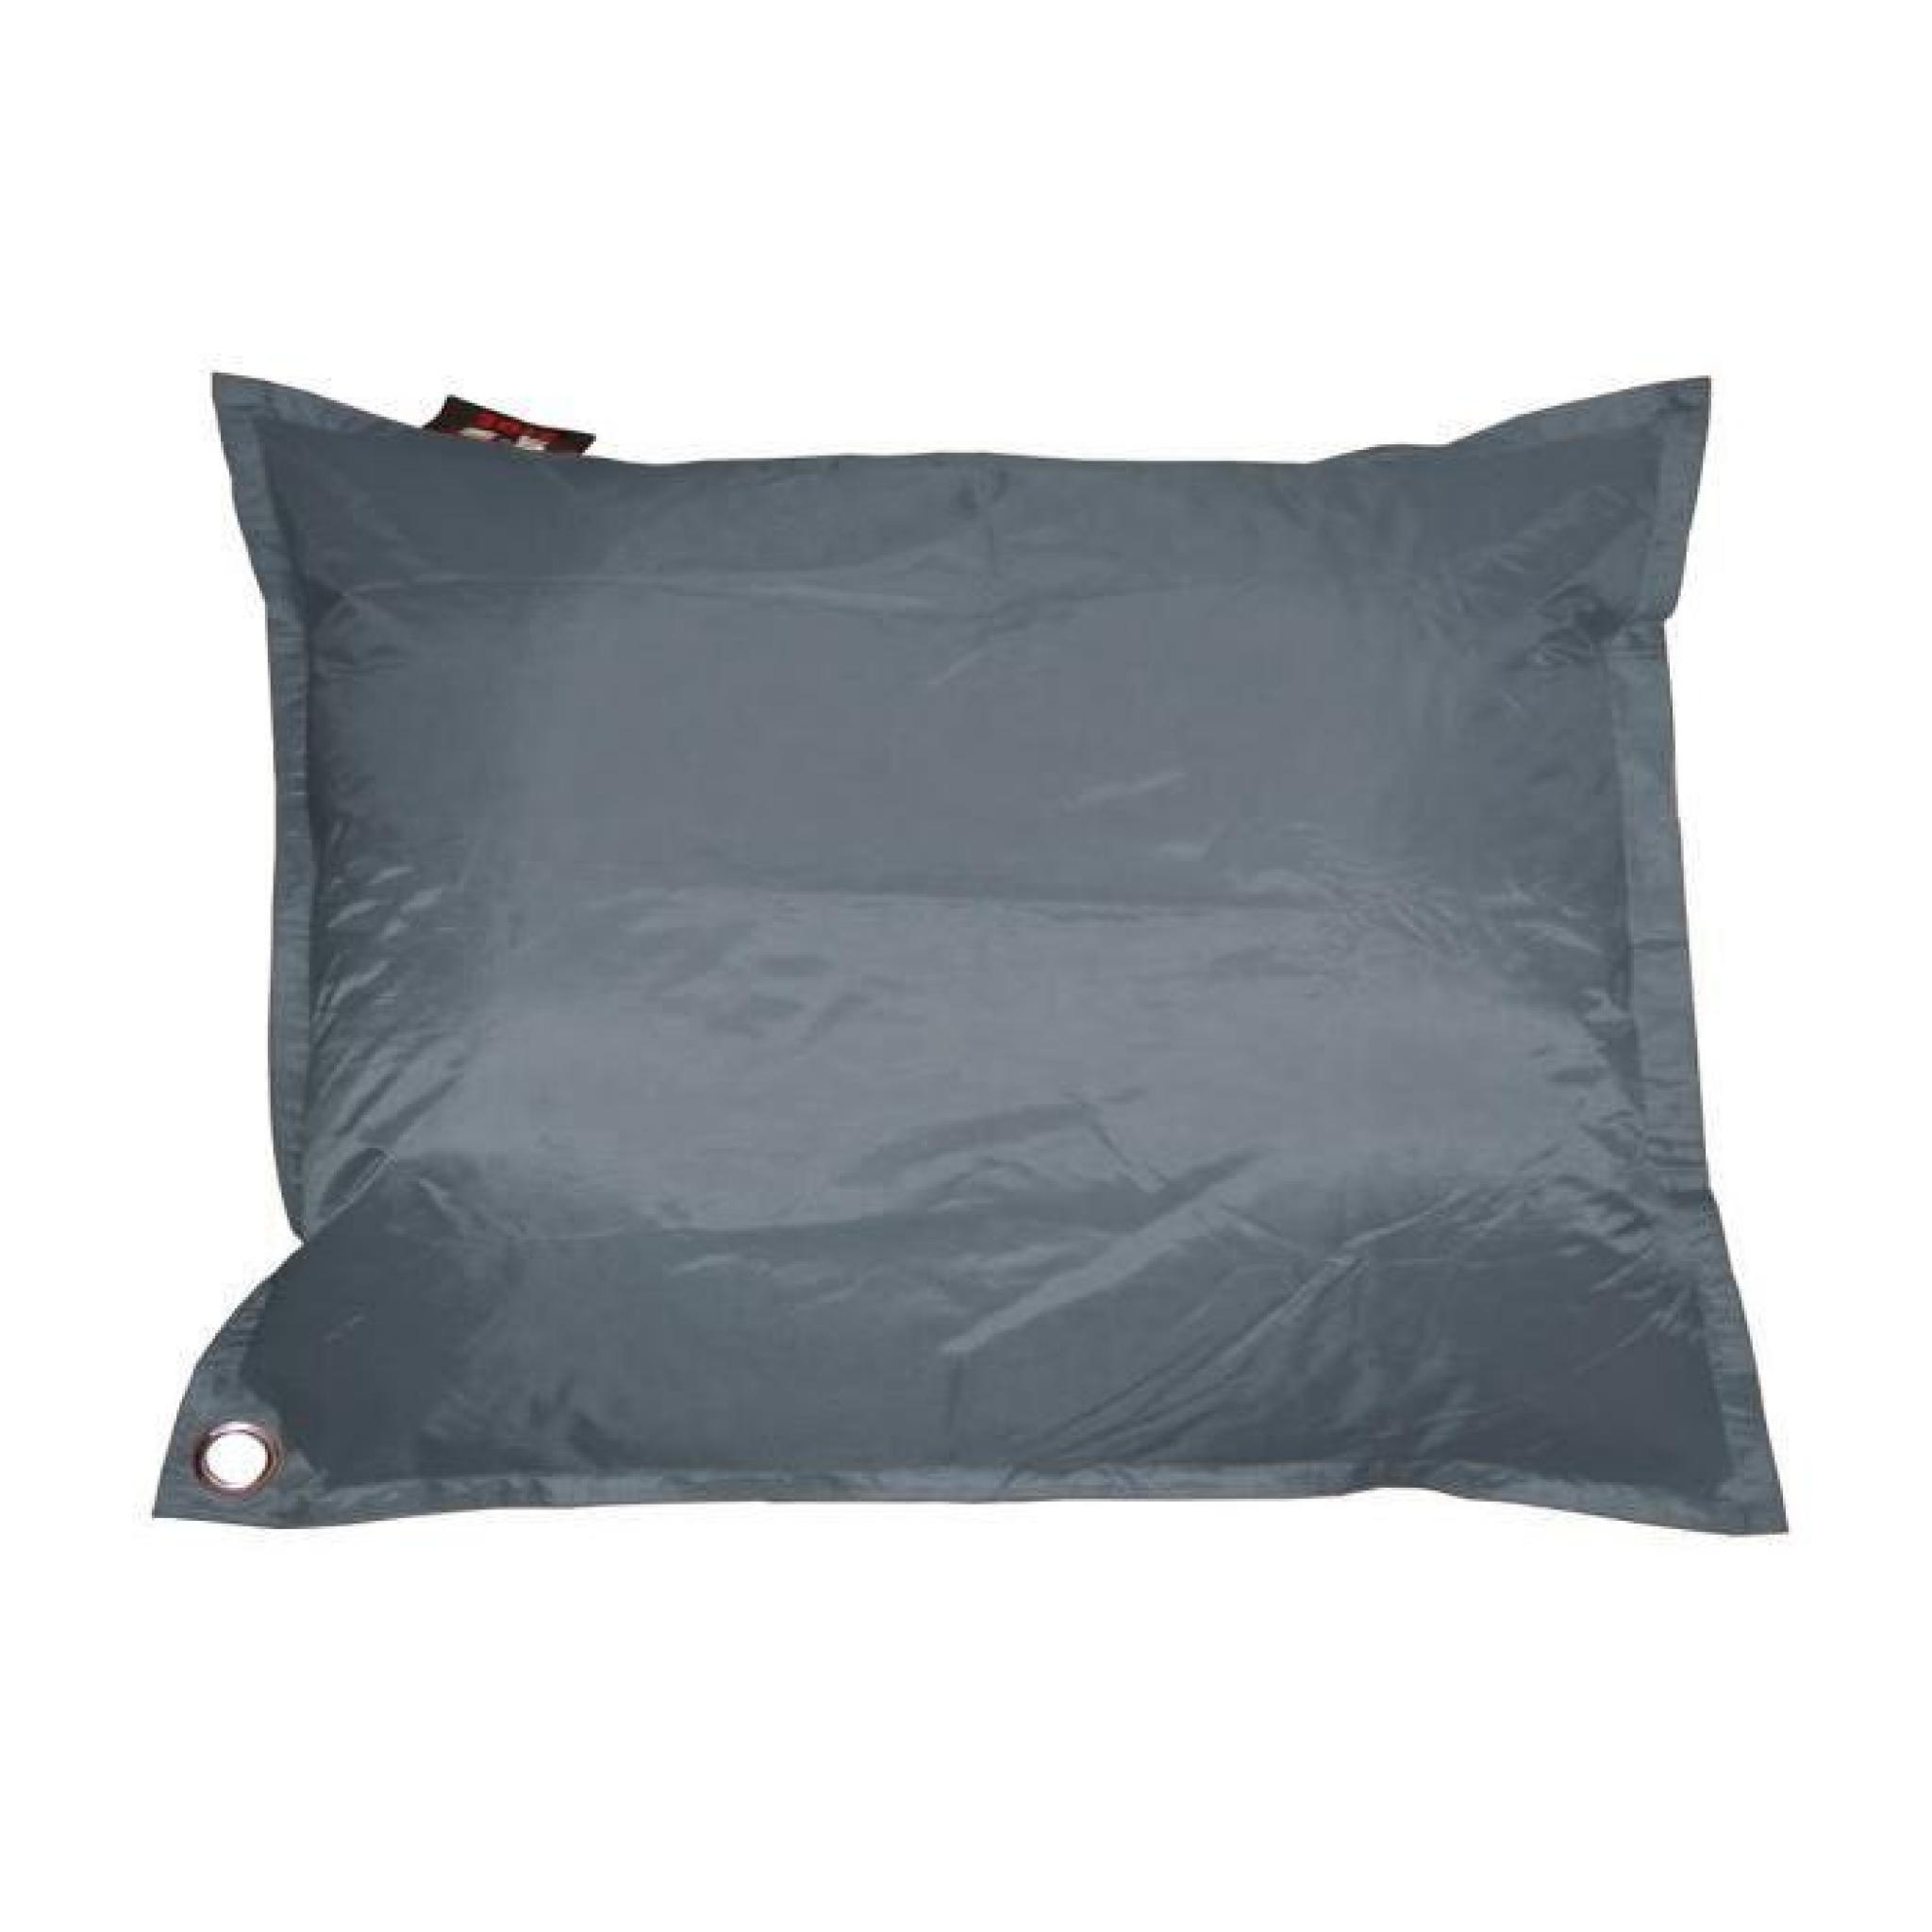 corfou pouf g ant imperm able xxl 140x180 cm d houssable rose achat vente pouf exterieur pas. Black Bedroom Furniture Sets. Home Design Ideas